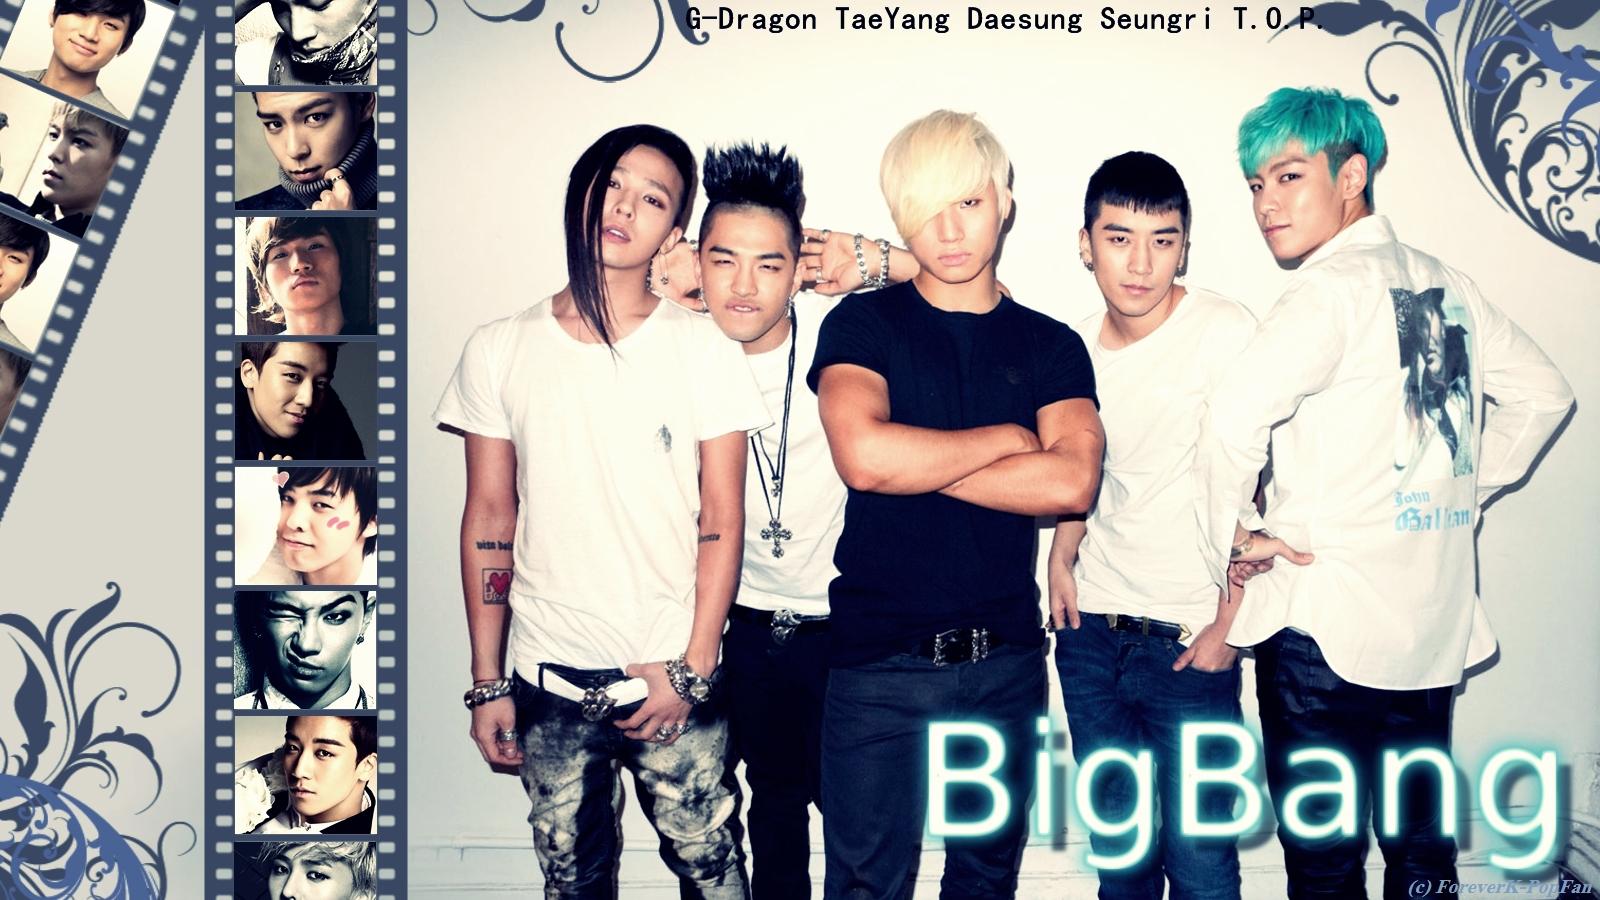 Big Bang Wallpaper Korean Wallpapersafari